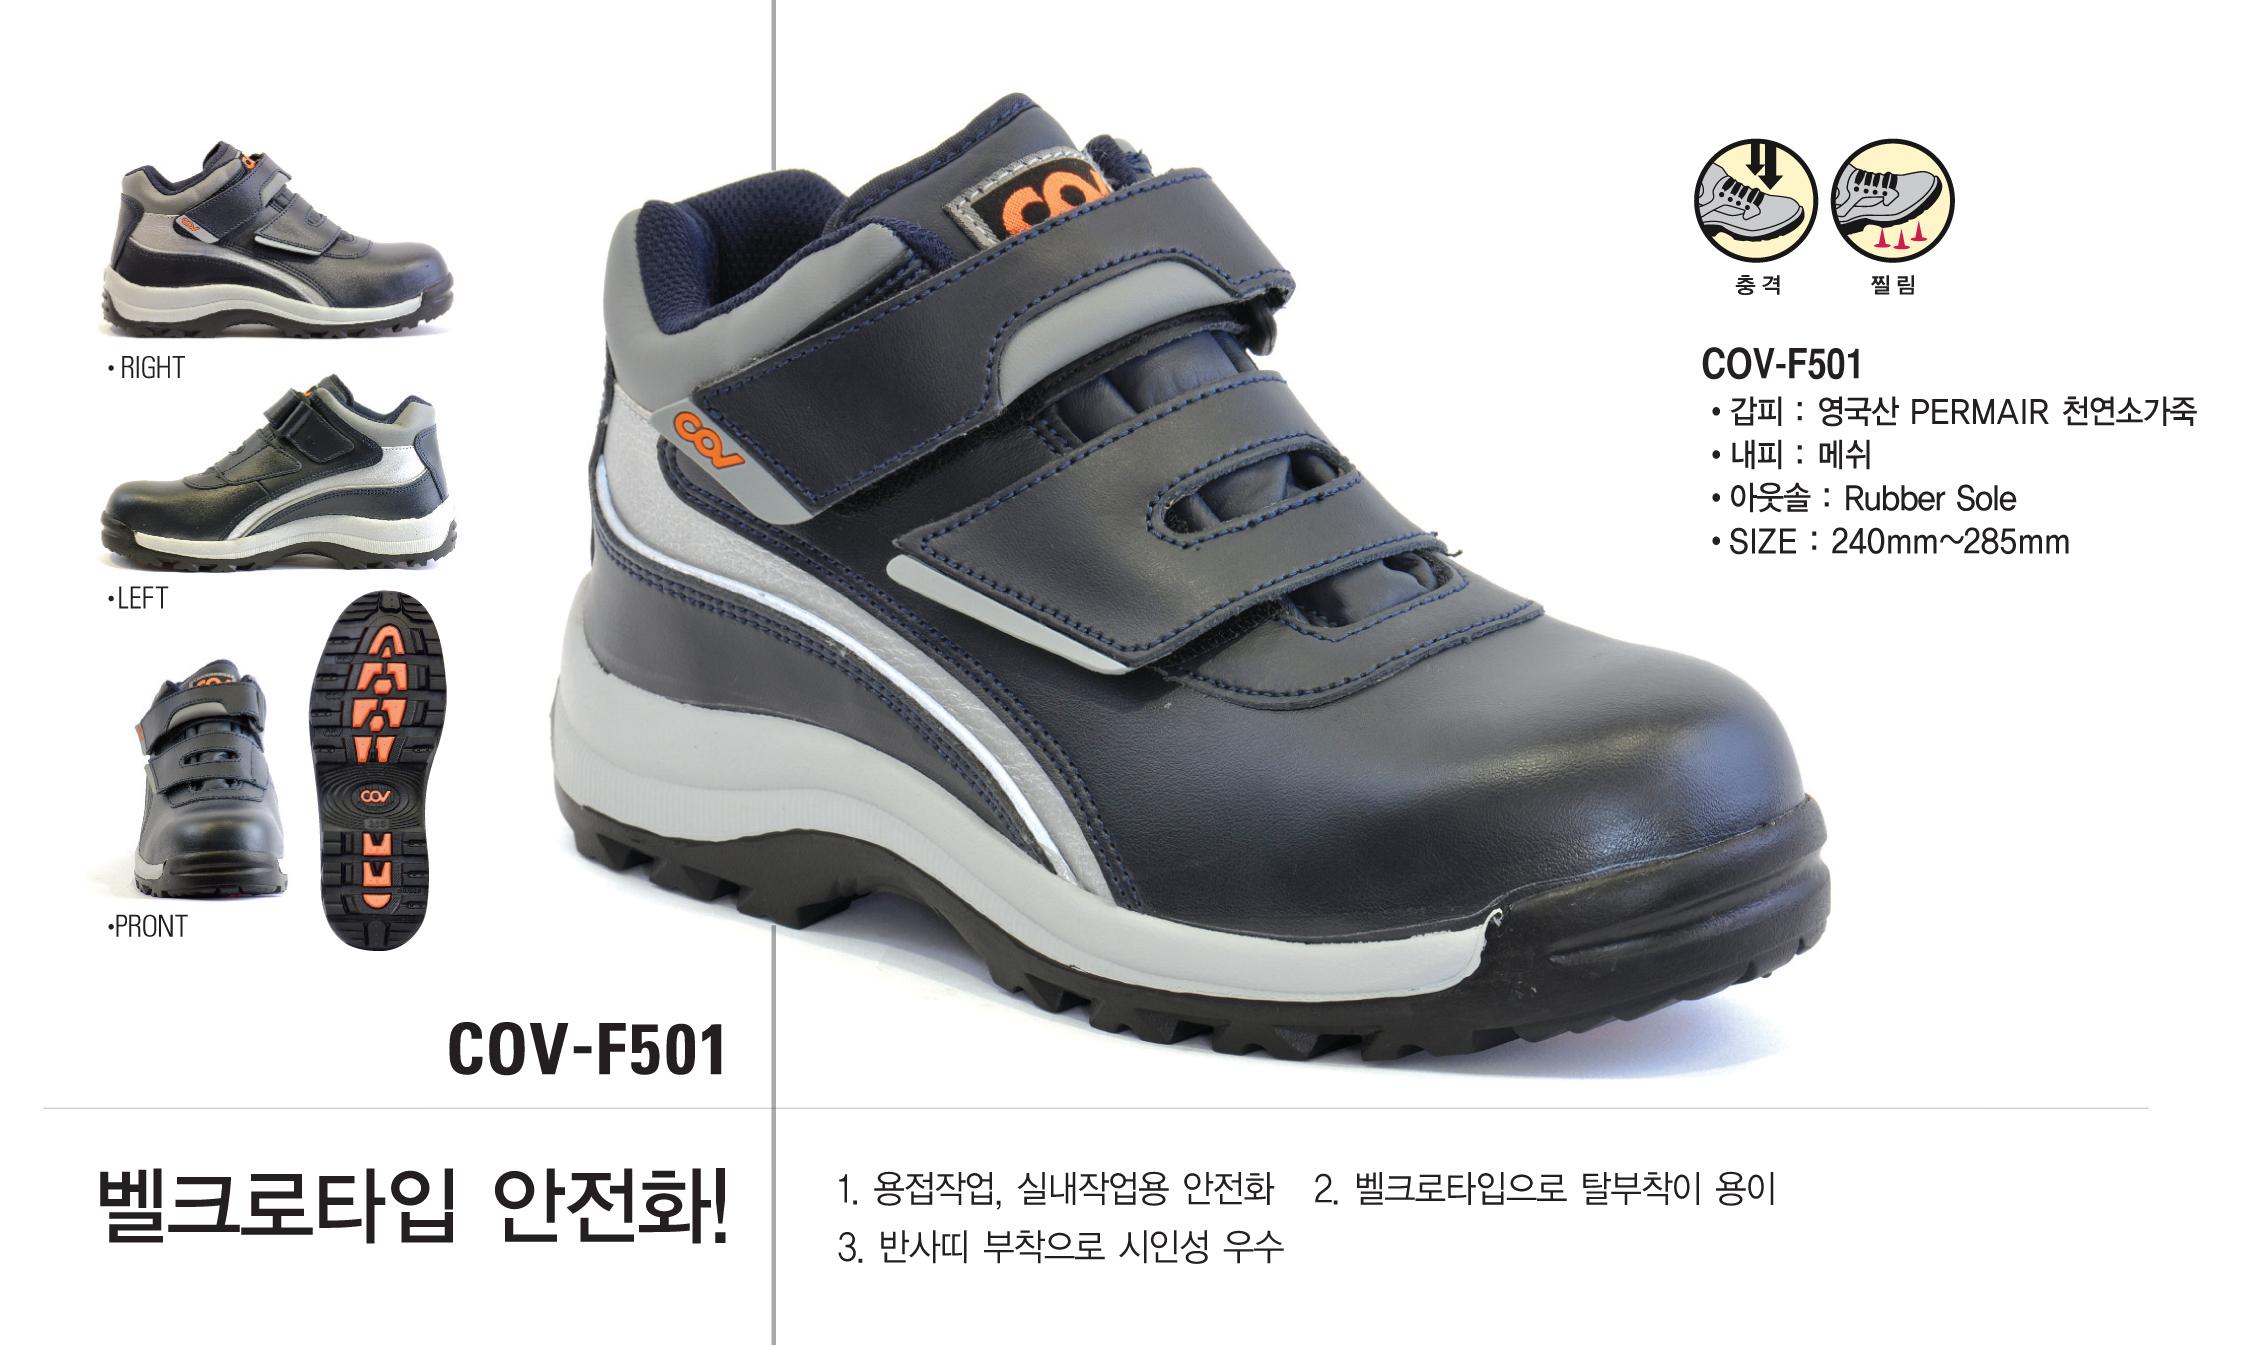 GIÀY BẢO HỘ HÀN QUỐC COV F501